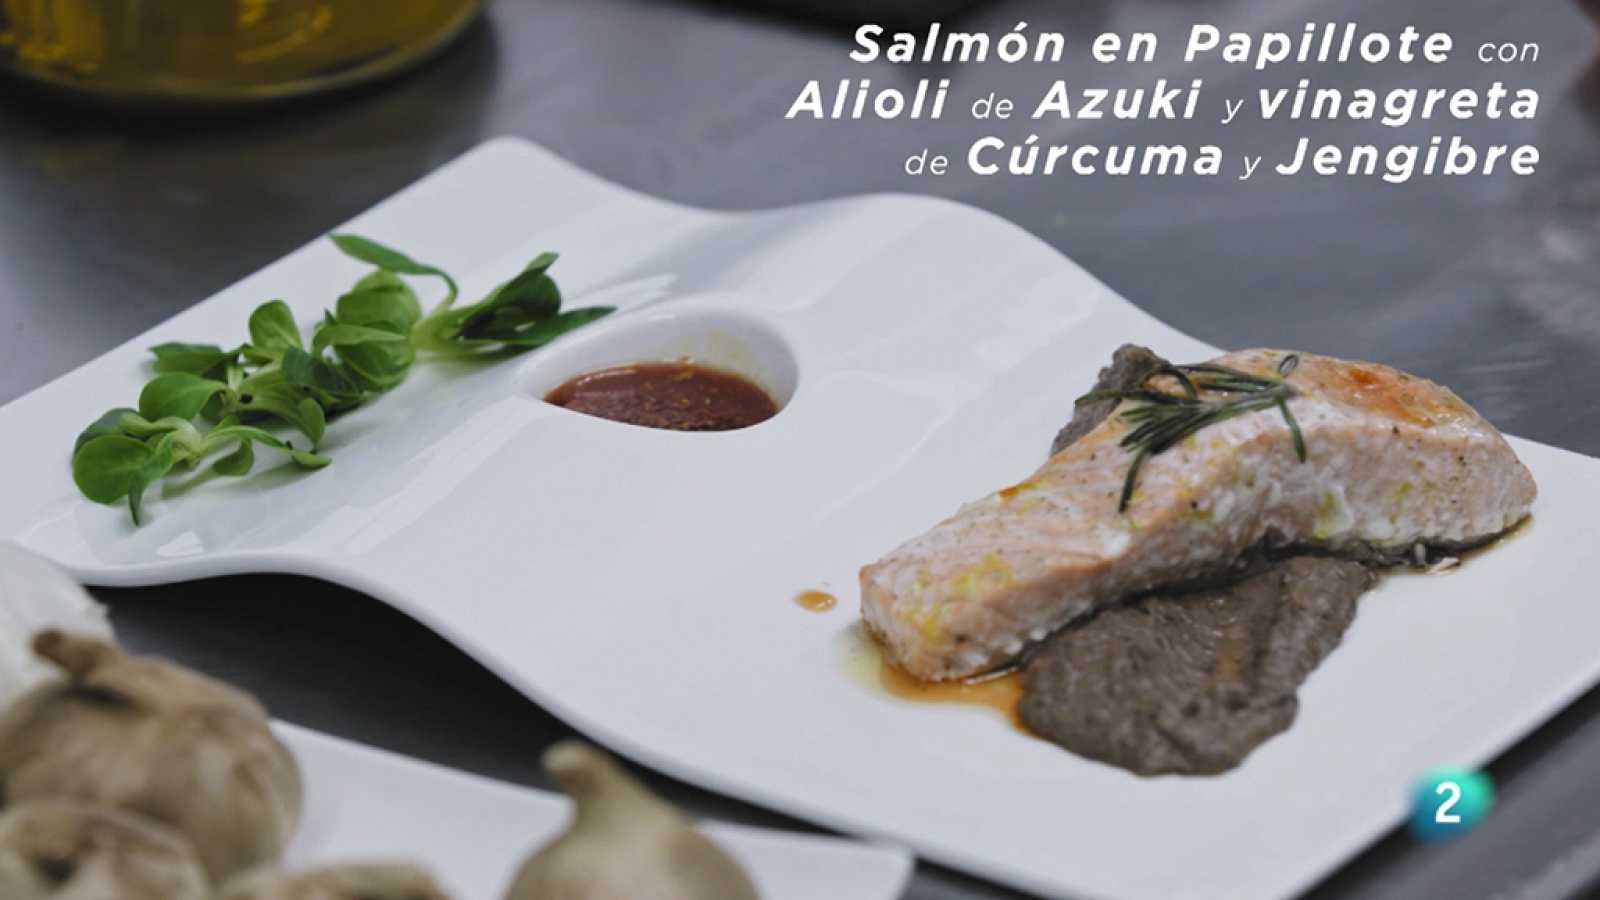 La nutricionista Magda Carlas y Rafa Martínez, chef del Restaurante Can Xurrades, realizan una receta con alimentos antiinflamatorios para ayudar a paliar el dolor.